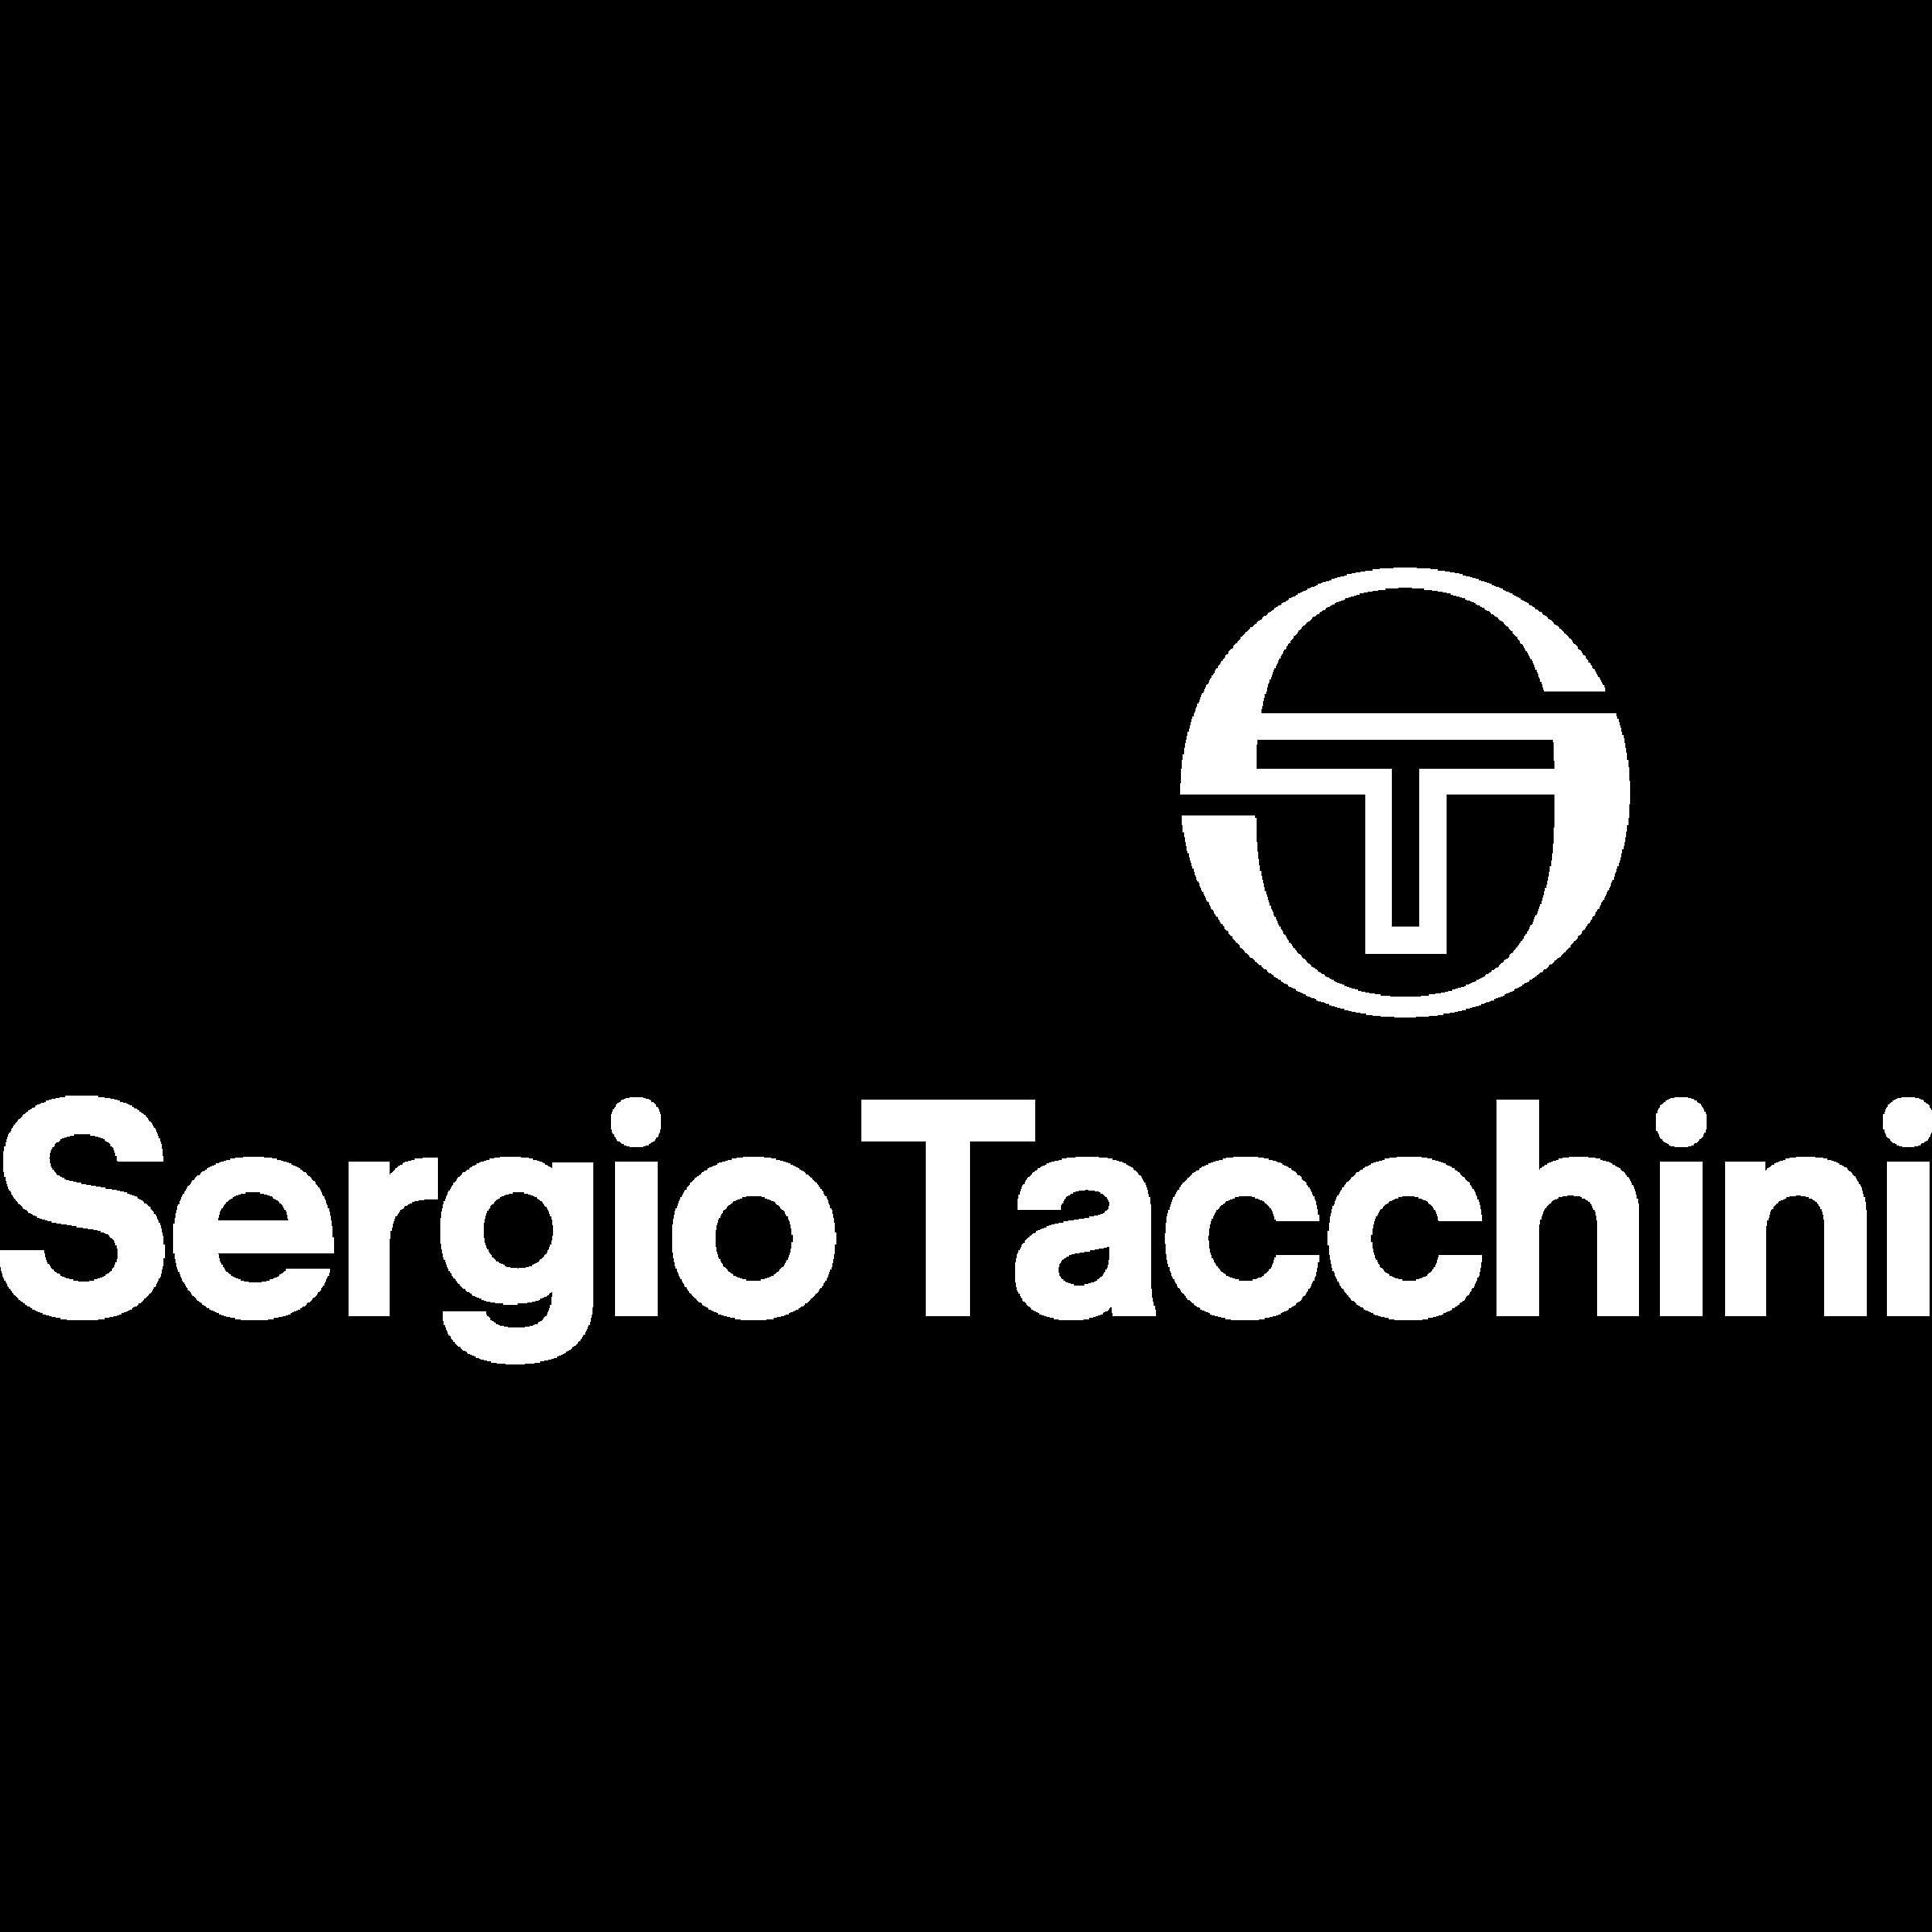 Sergio Tacchini Logo